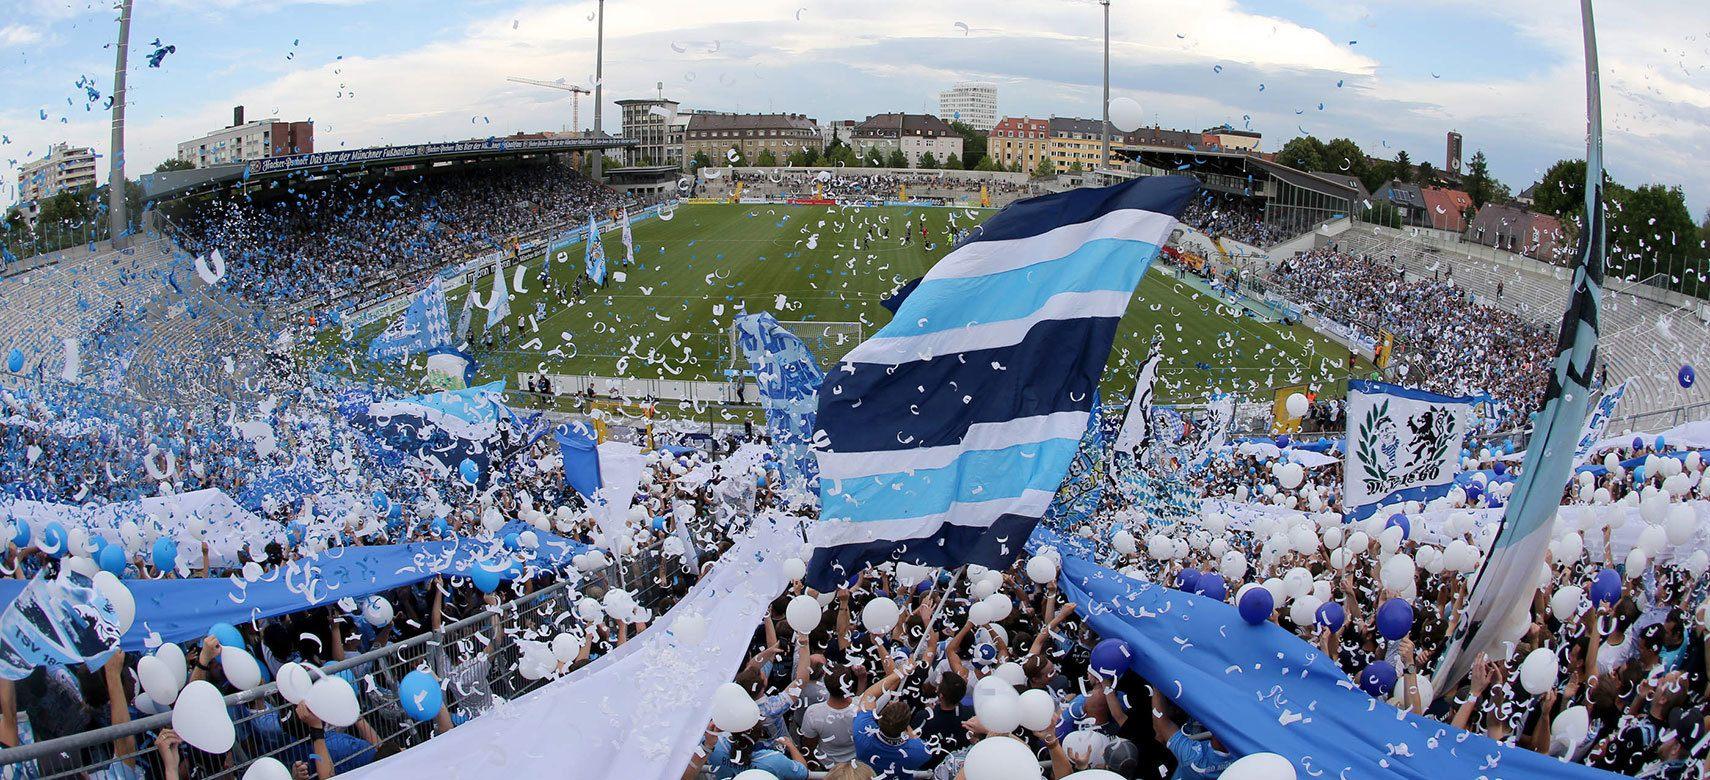 TSV fans